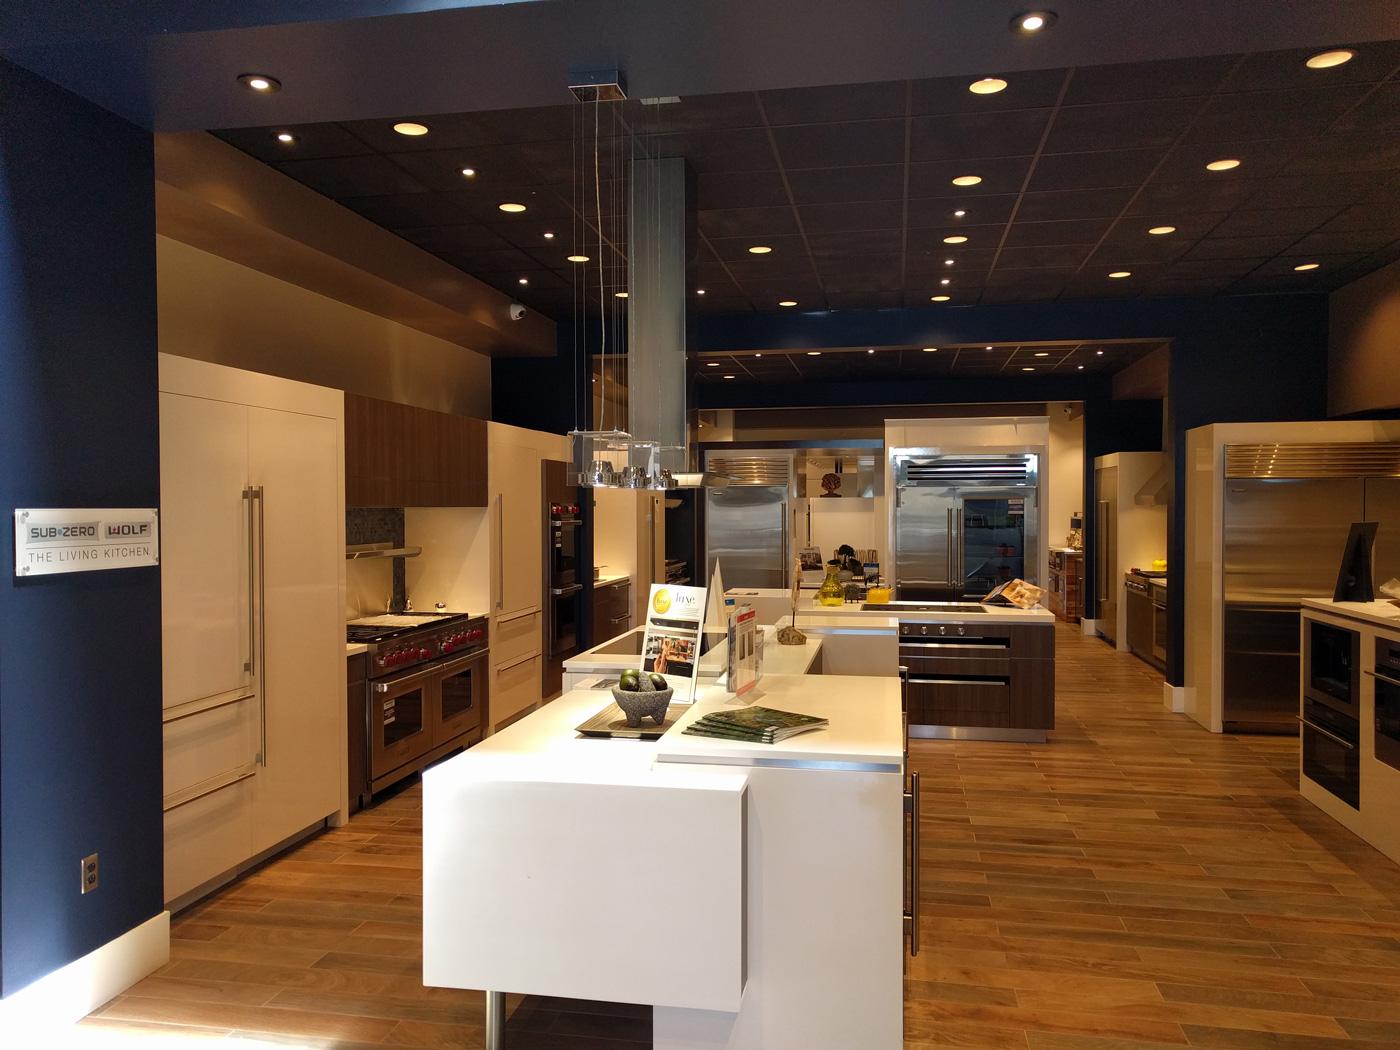 larger-living-kitchen-image-2_1.jpg